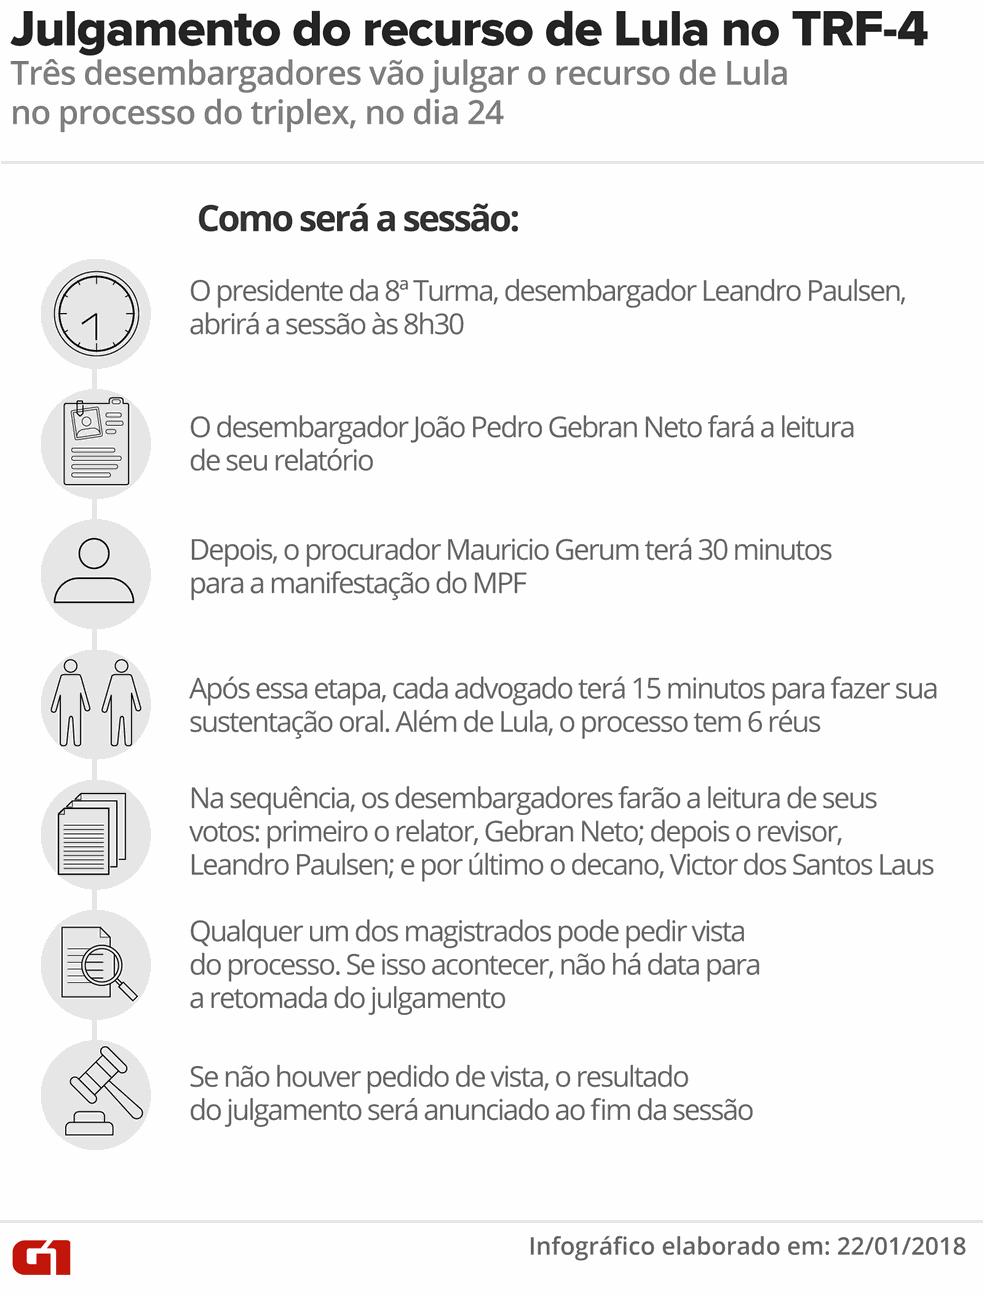 Como será o julgamento do recurso de Lula no TRF-4 (Foto: Infografia: Alexandre Mauro/G1)